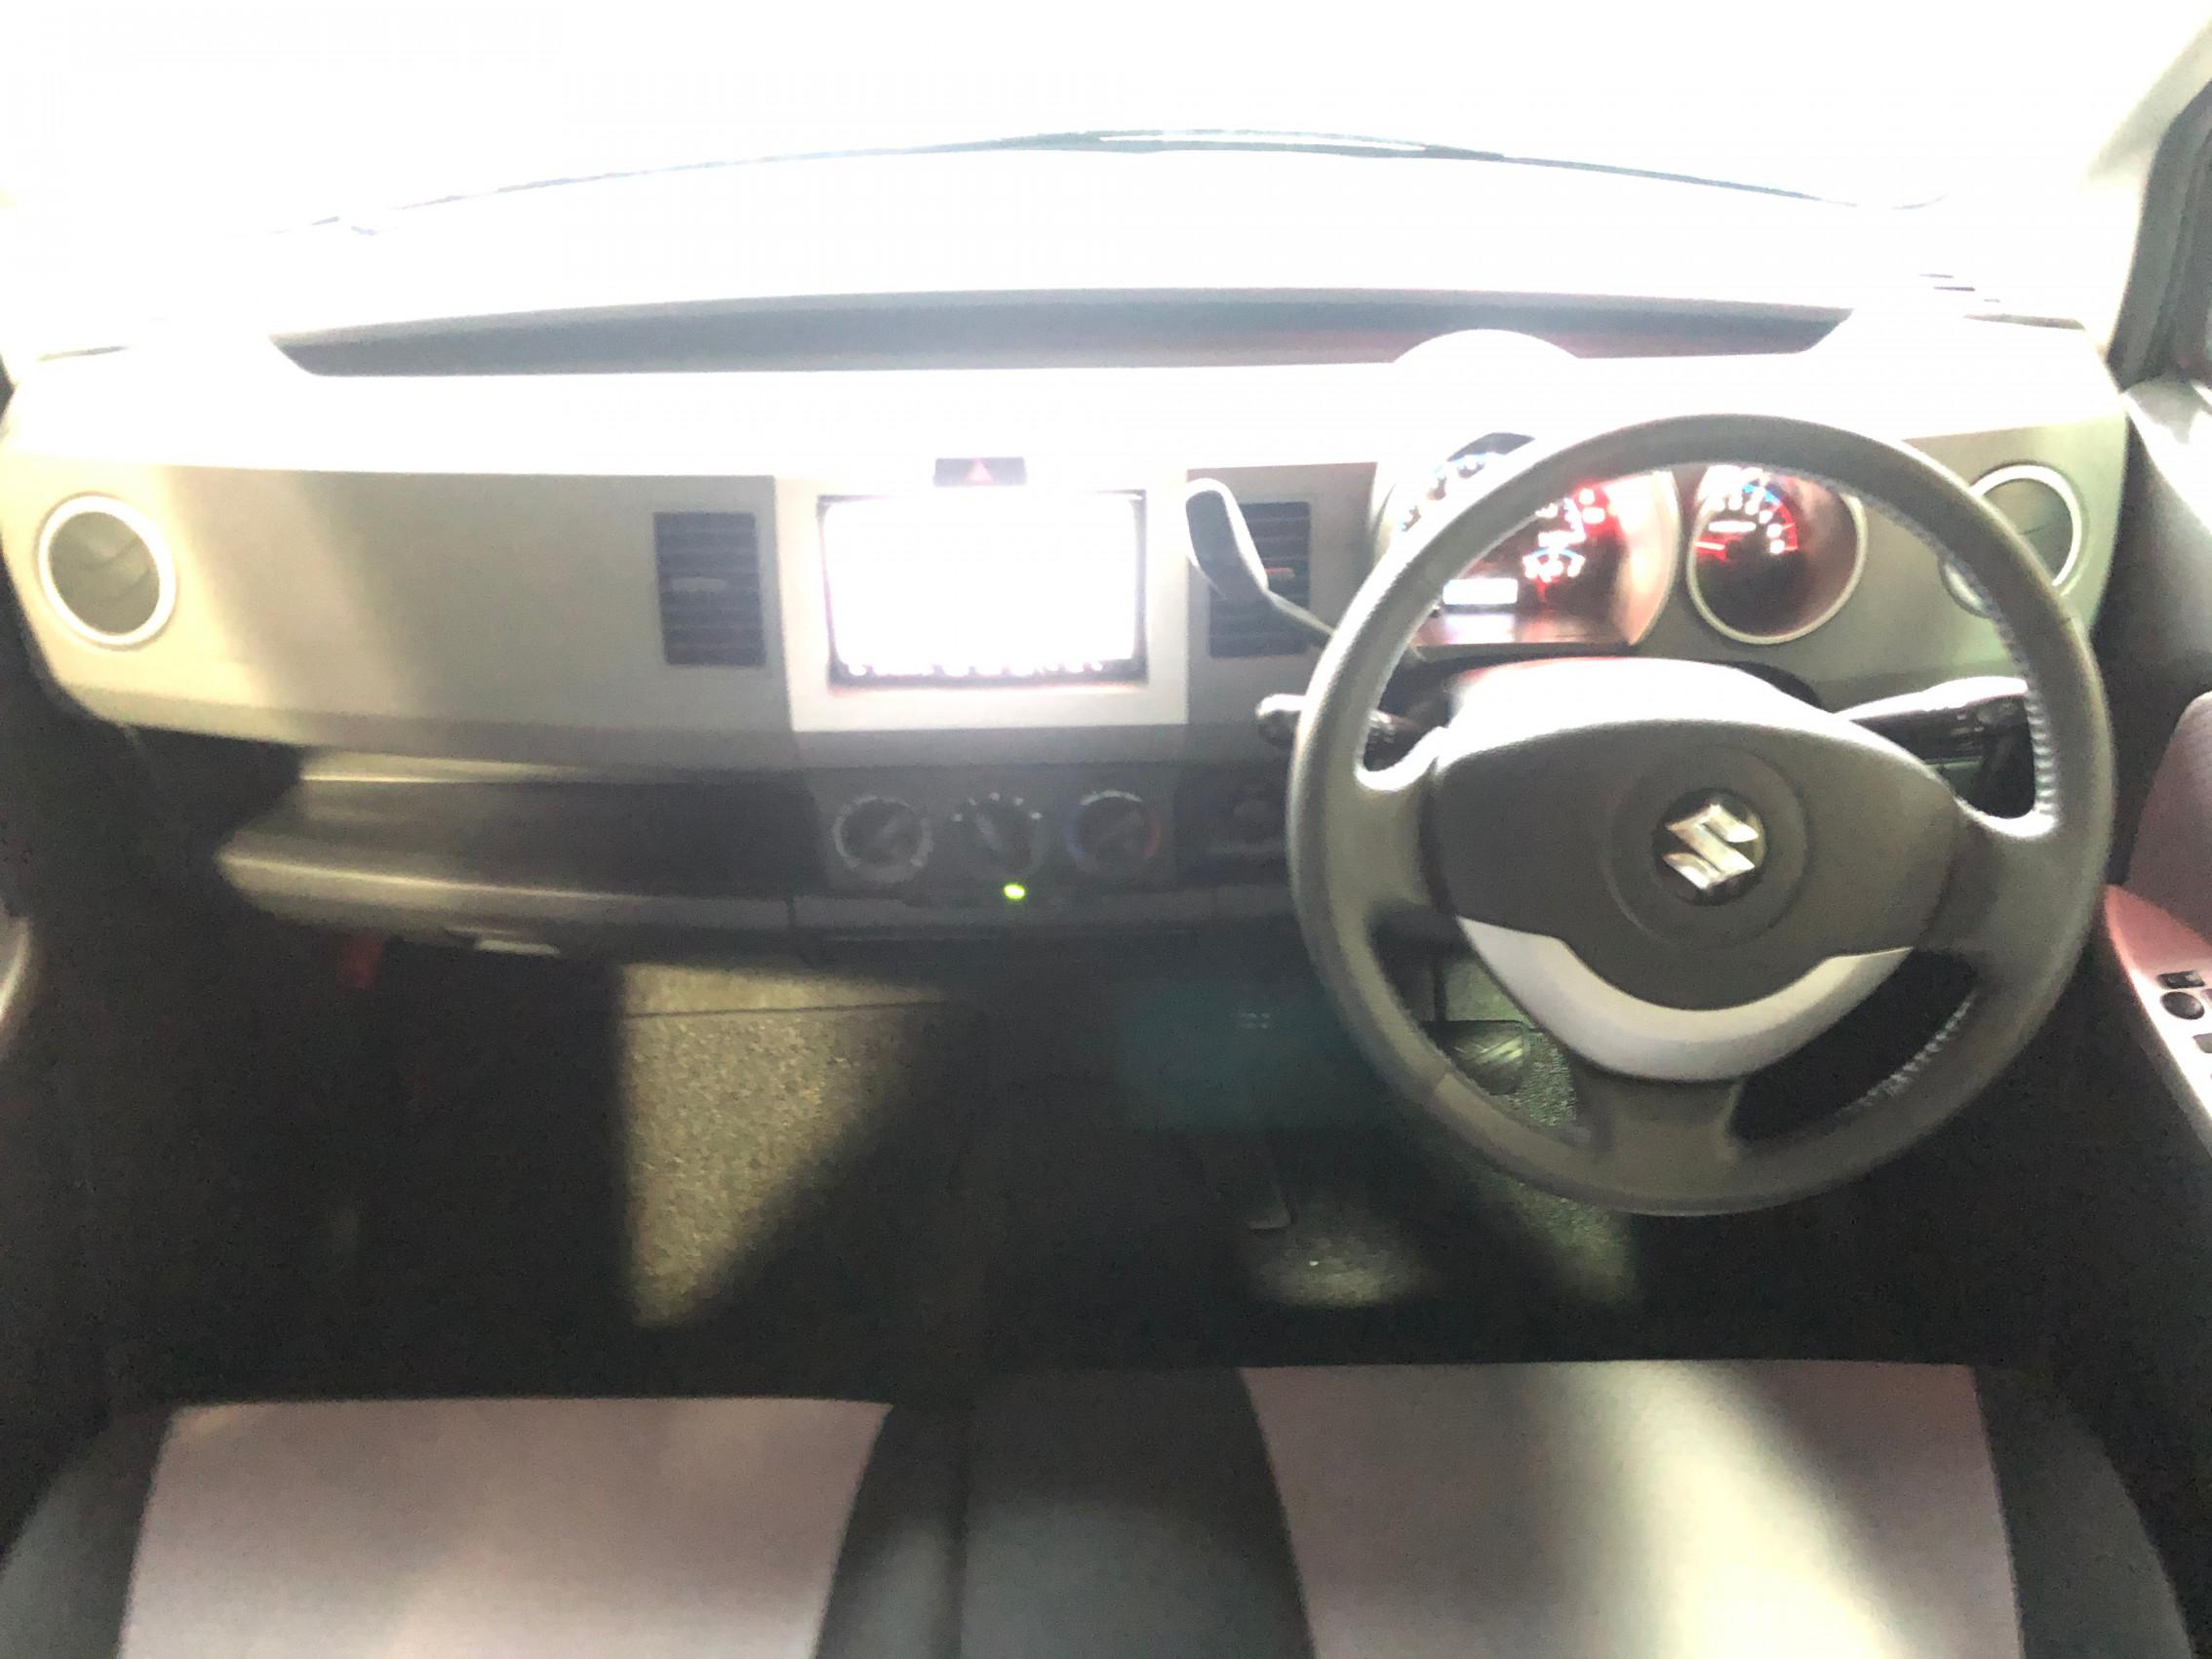 ワゴンR FX-Sリミテッド HDDナビ スマートキー タイミングチェーン 後期